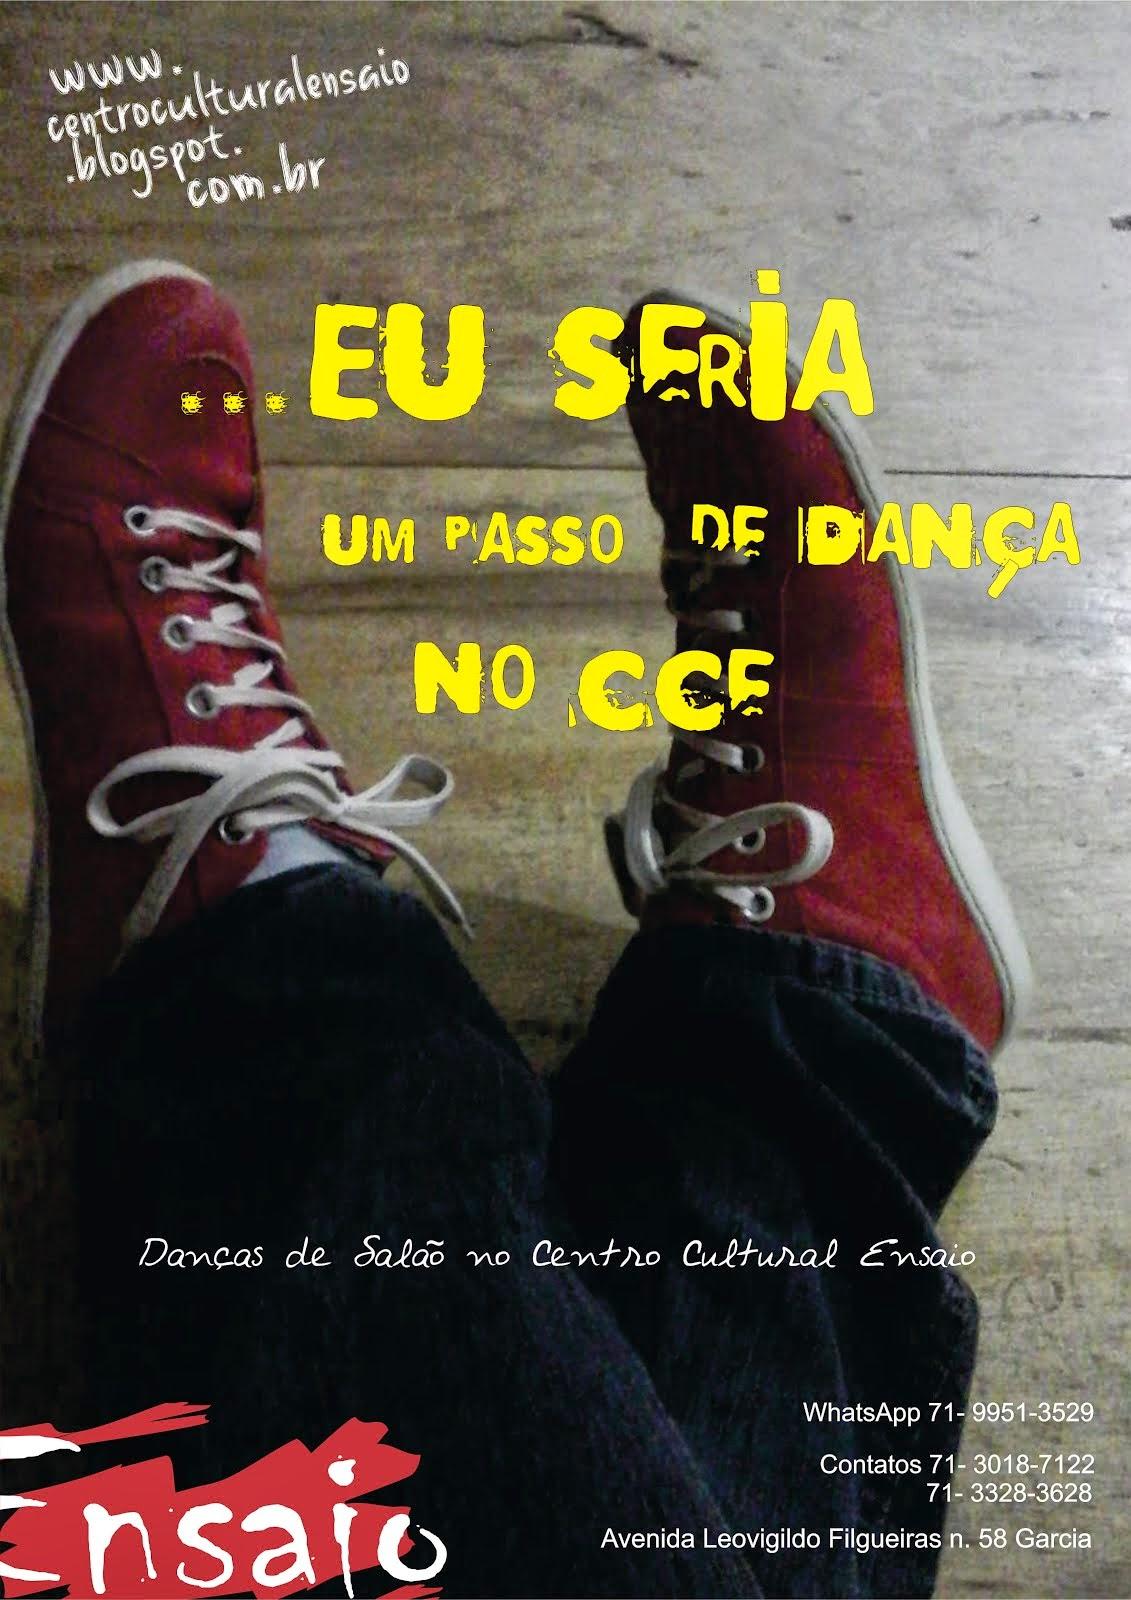 Dançar no CCE...